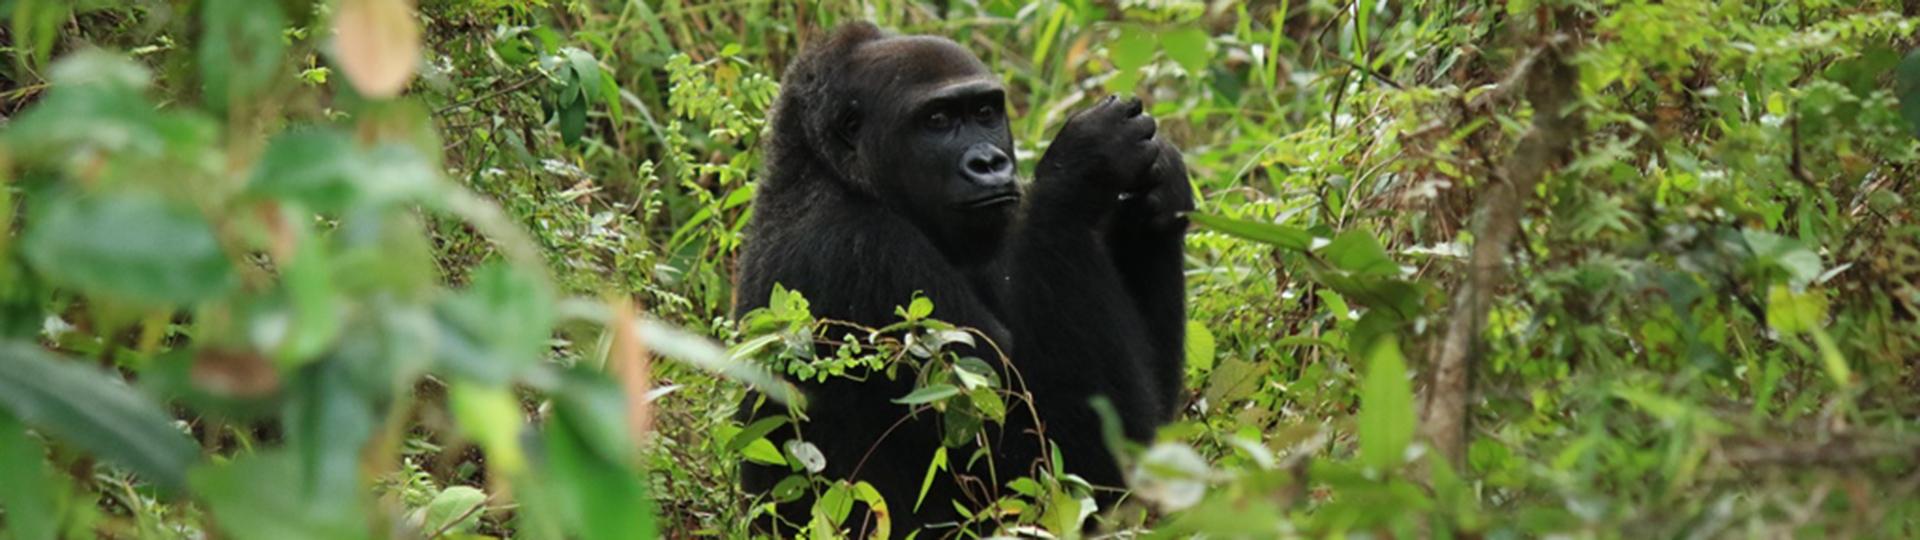 photos prises lors d'une précédente réintroduction de gorilles